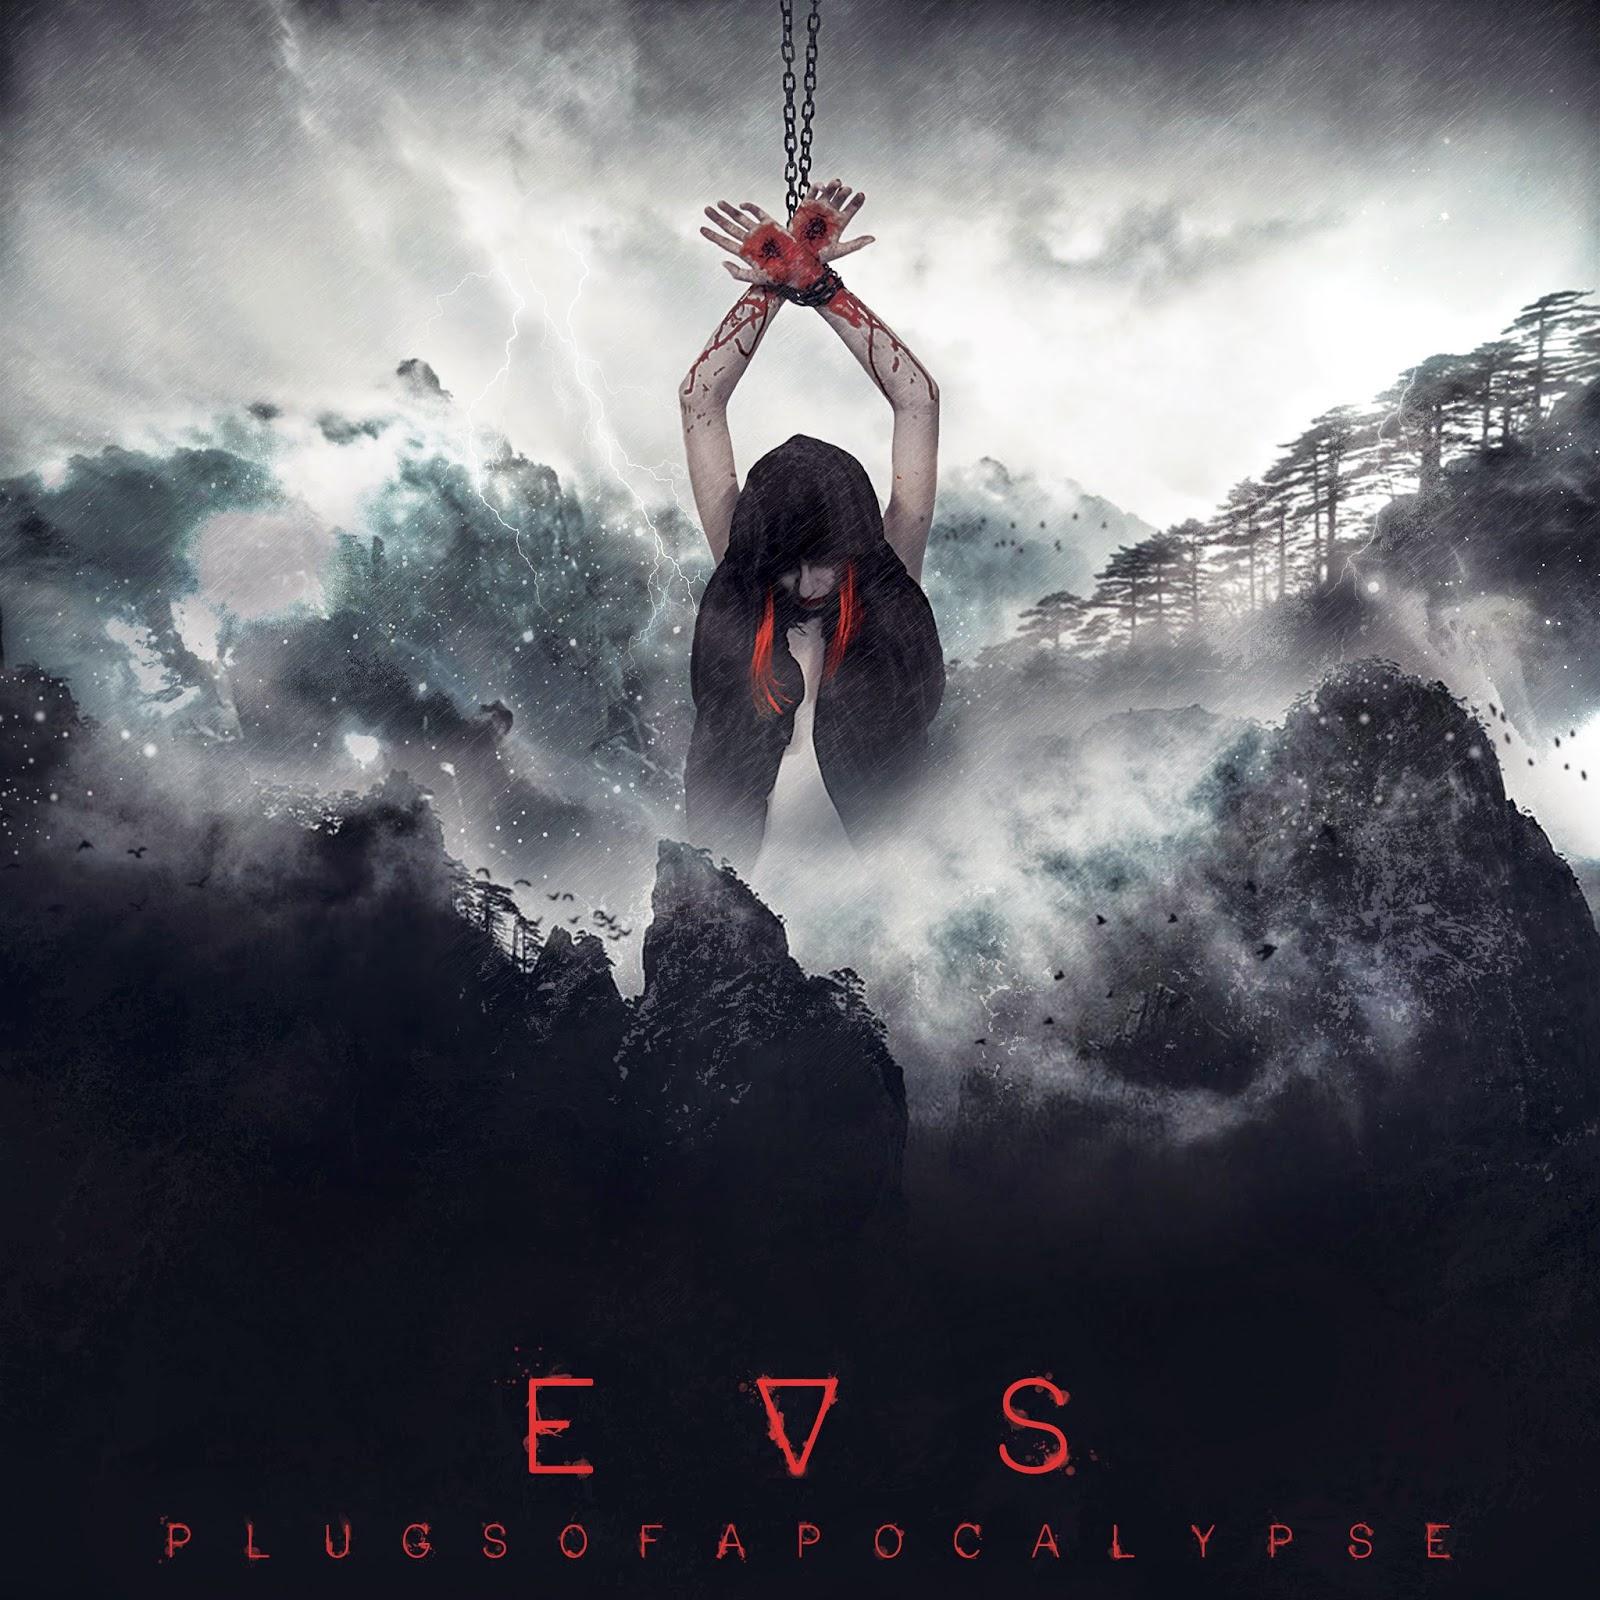 Plugs Of The Apocalypse - EAS [EP] (2015)